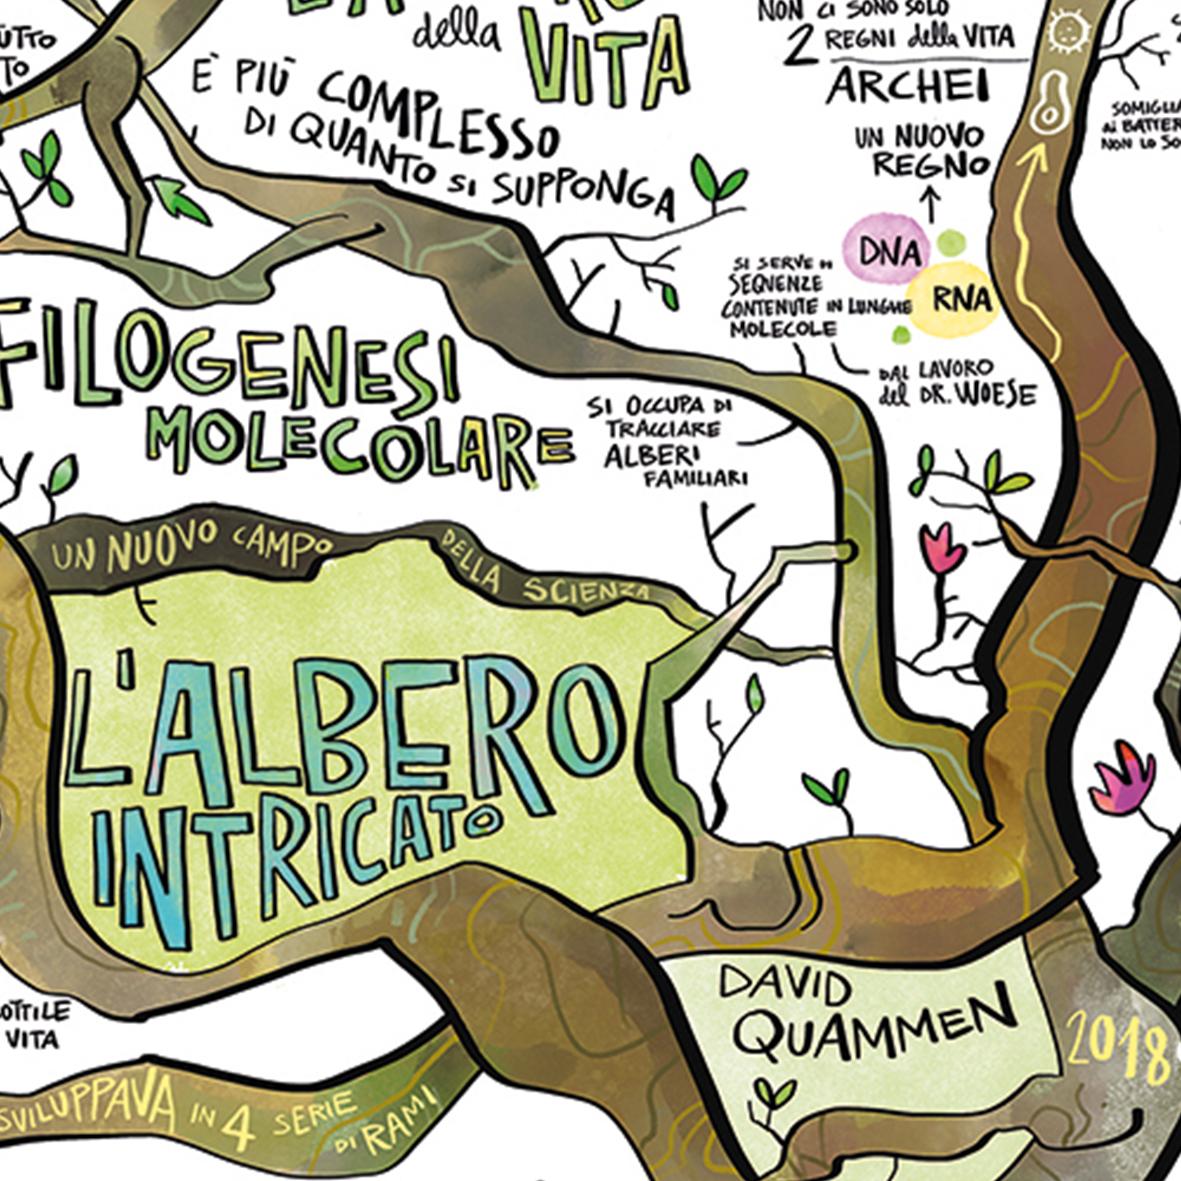 """""""L'albero Intricato"""" di David Quammen"""